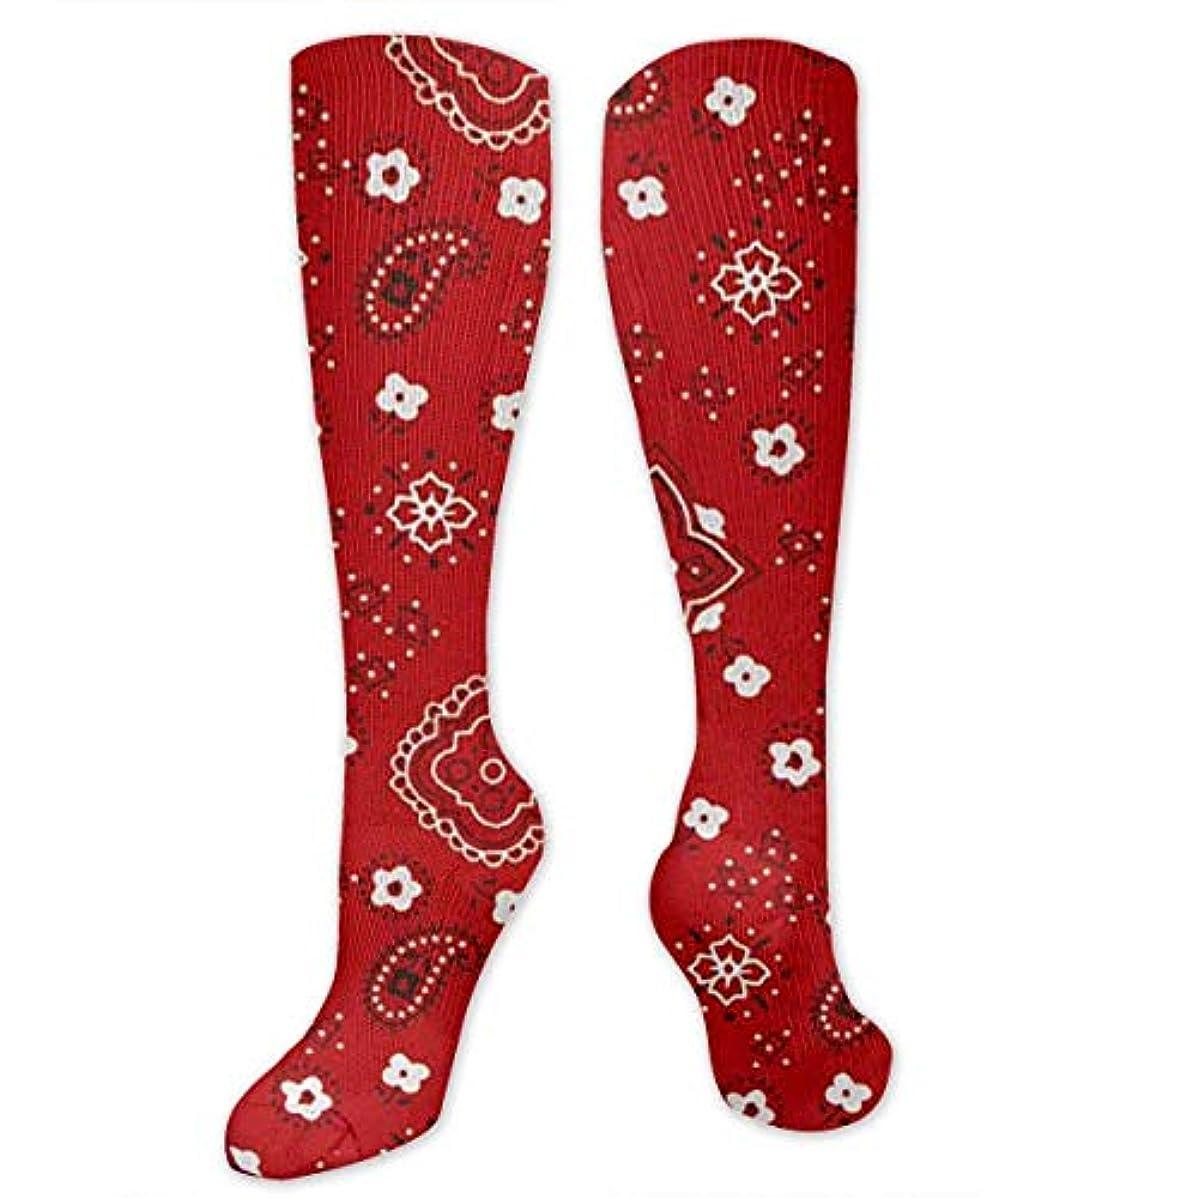 とらえどころのない許容群がる靴下,ストッキング,野生のジョーカー,実際,秋の本質,冬必須,サマーウェア&RBXAA Women's Winter Cotton Long Tube Socks Knee High Graduated Compression...